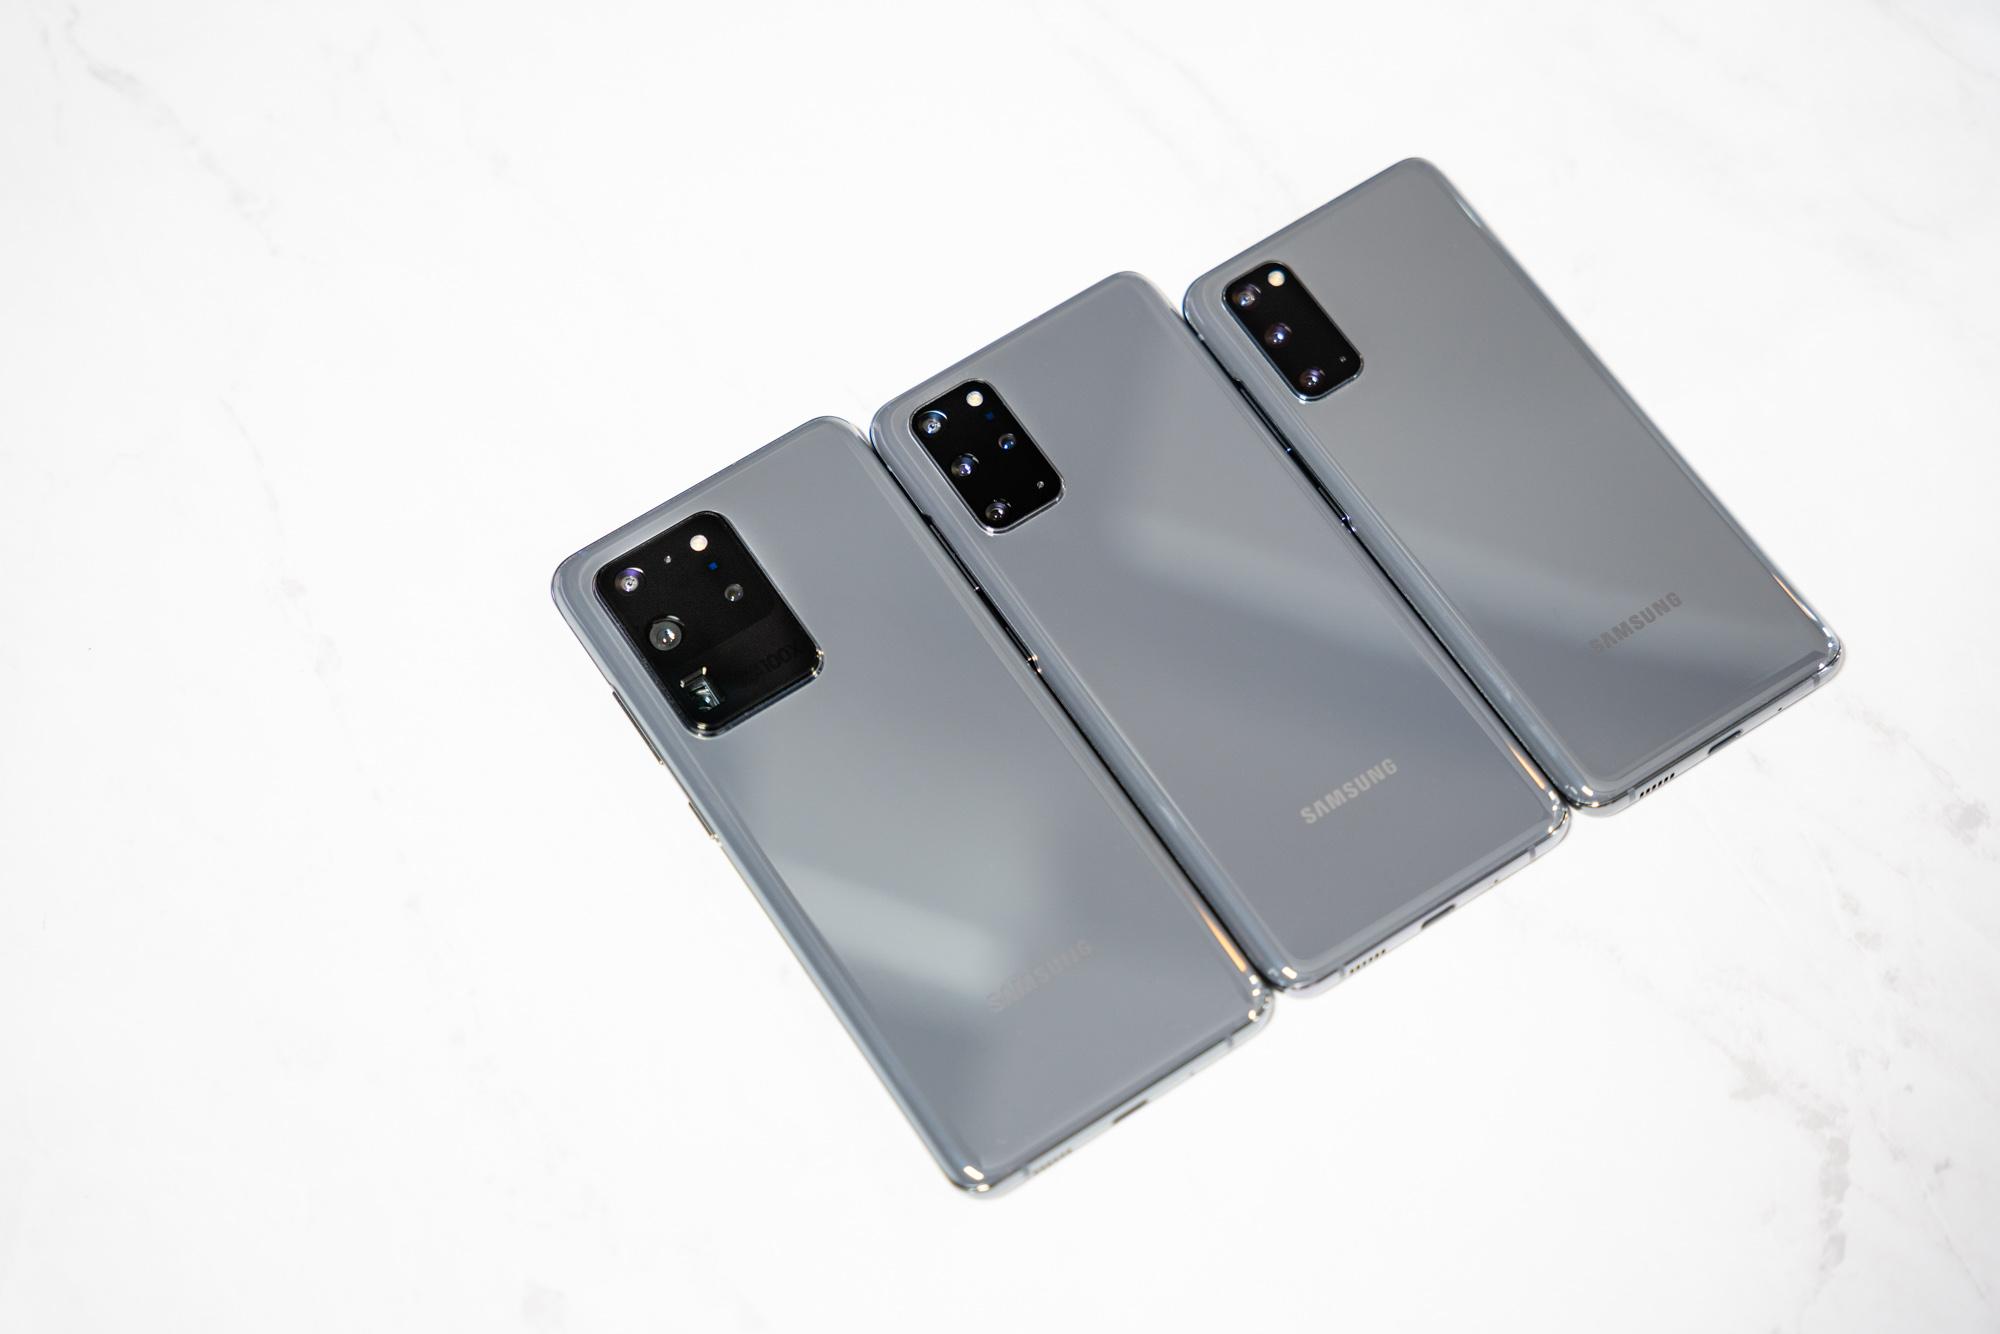 Galaxy S20 czy Galaxy S20+ - jaki model wybrać?